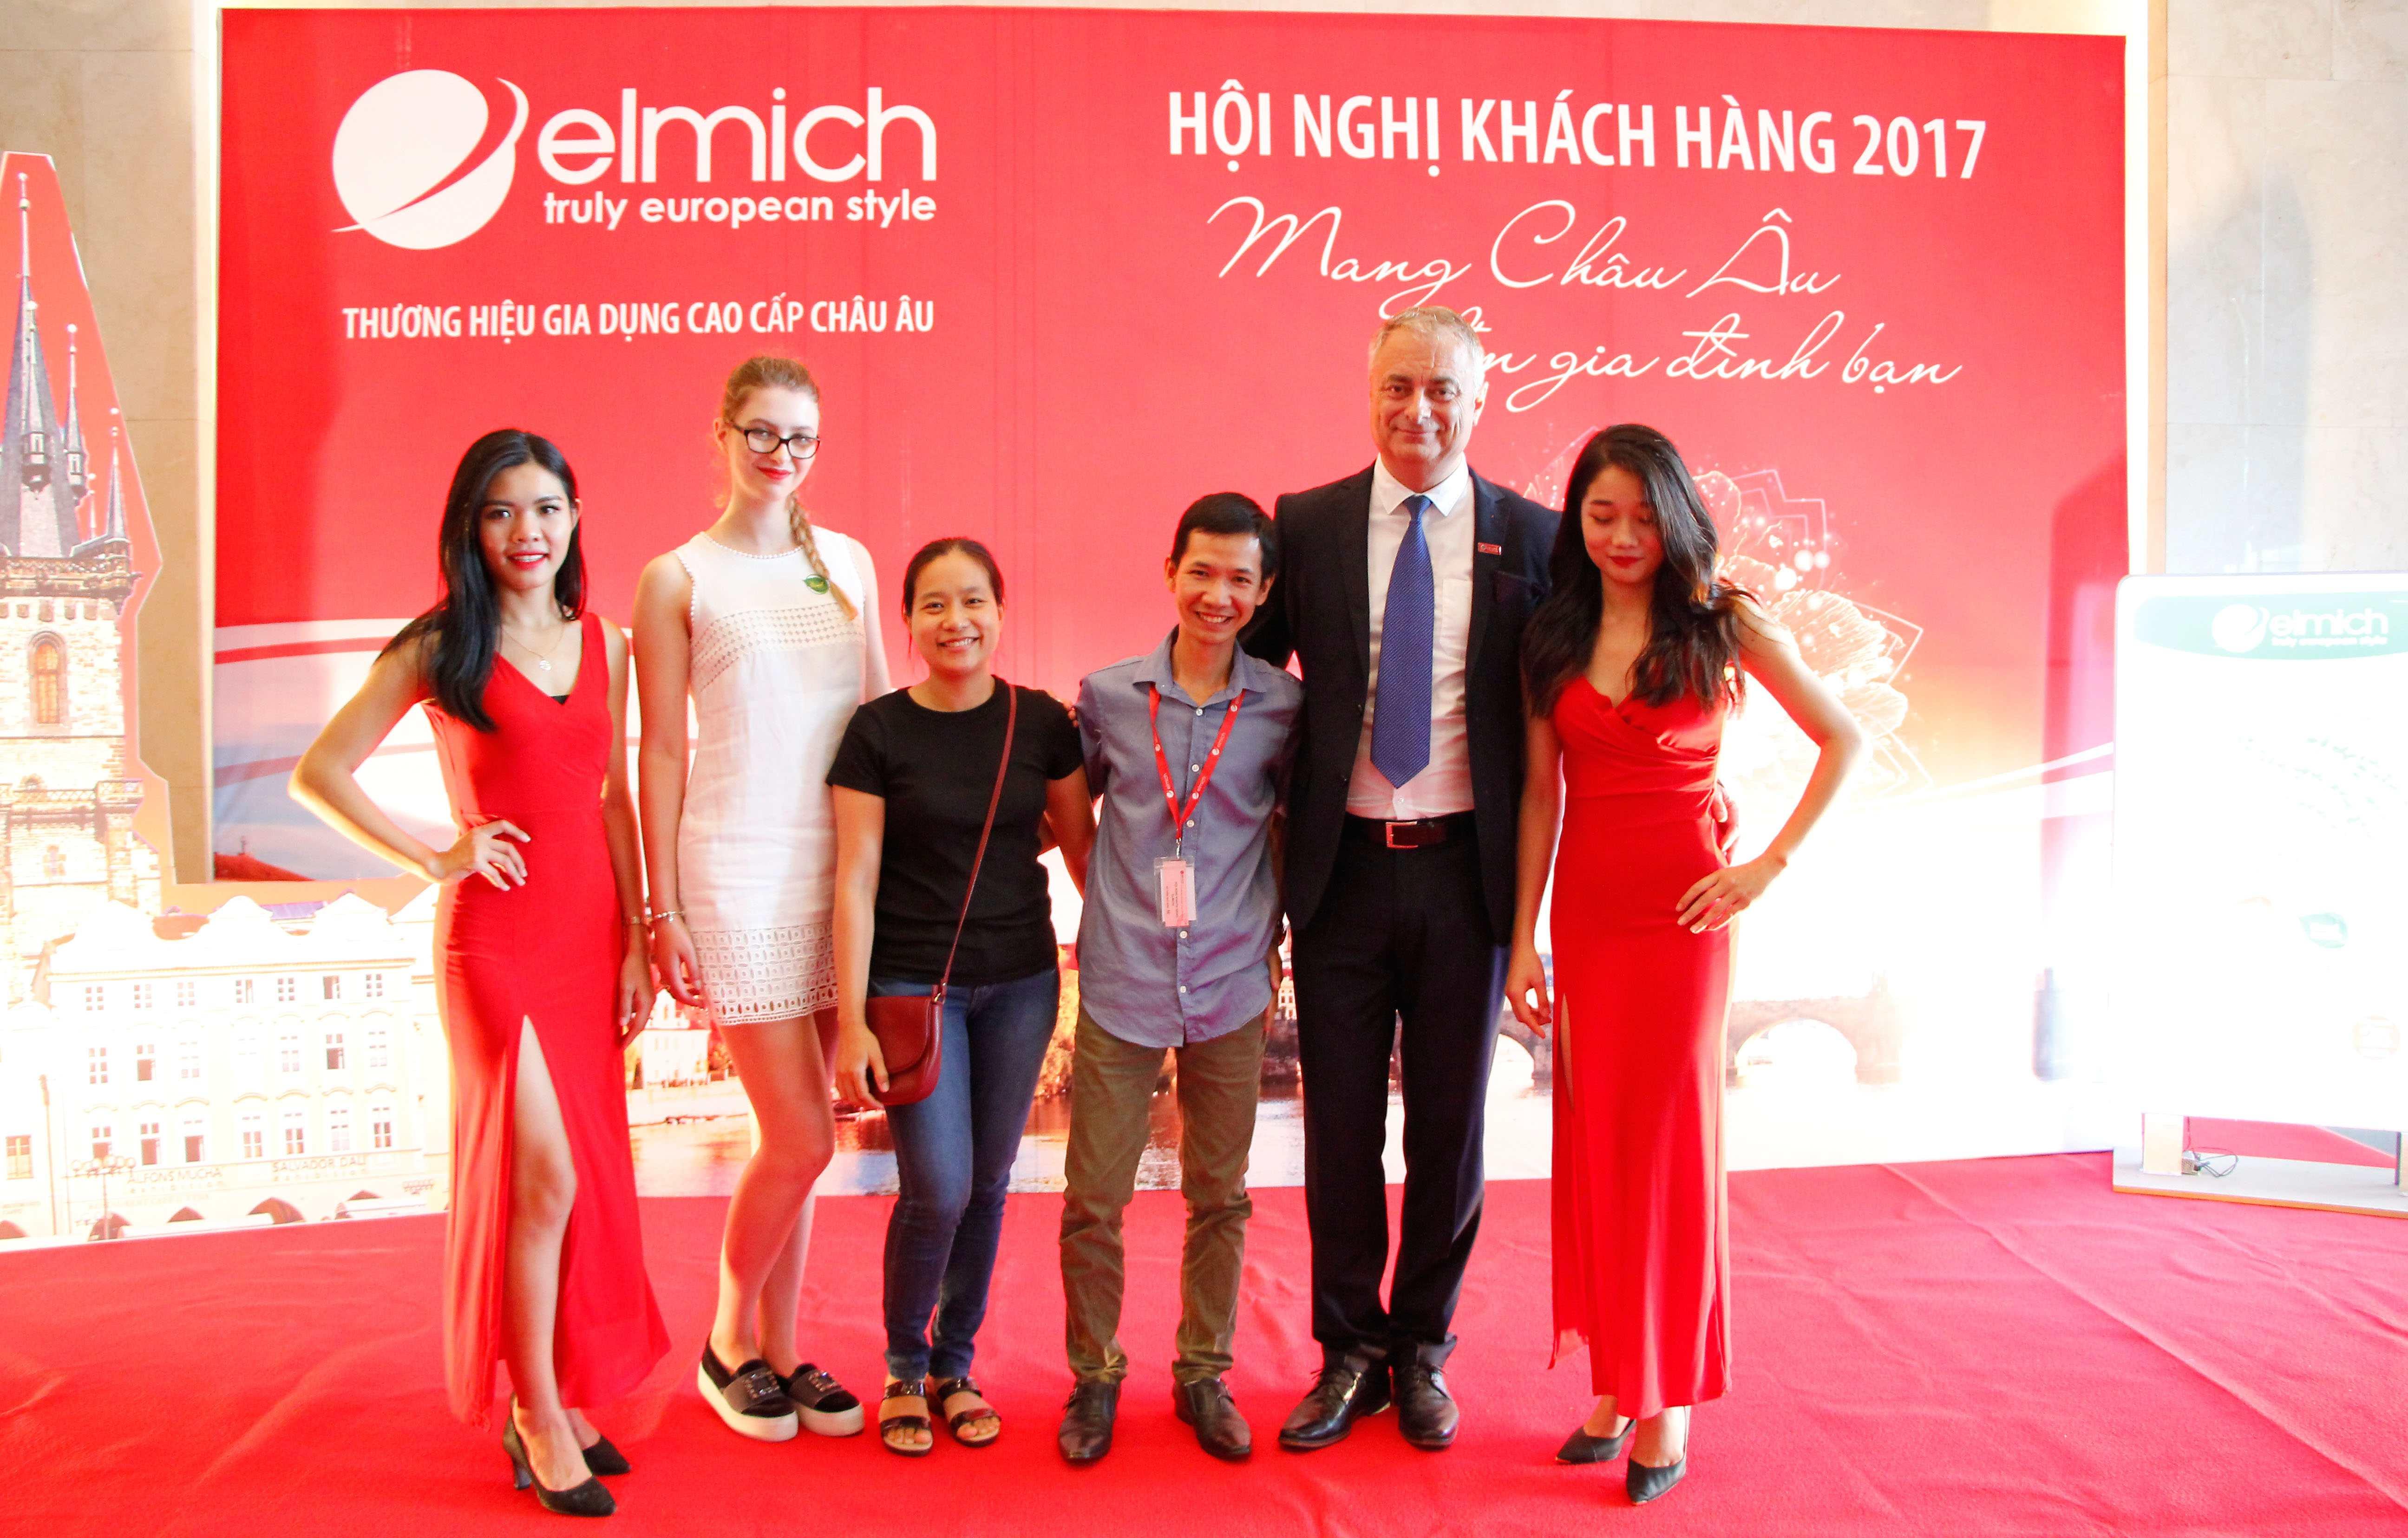 Đại diện Săn Hàng Rẻ chụp ảnh lưu niệm cùng Ông Milan Novosad - Phó Chủ tịch Tập đoàn Elmich Châu Âu